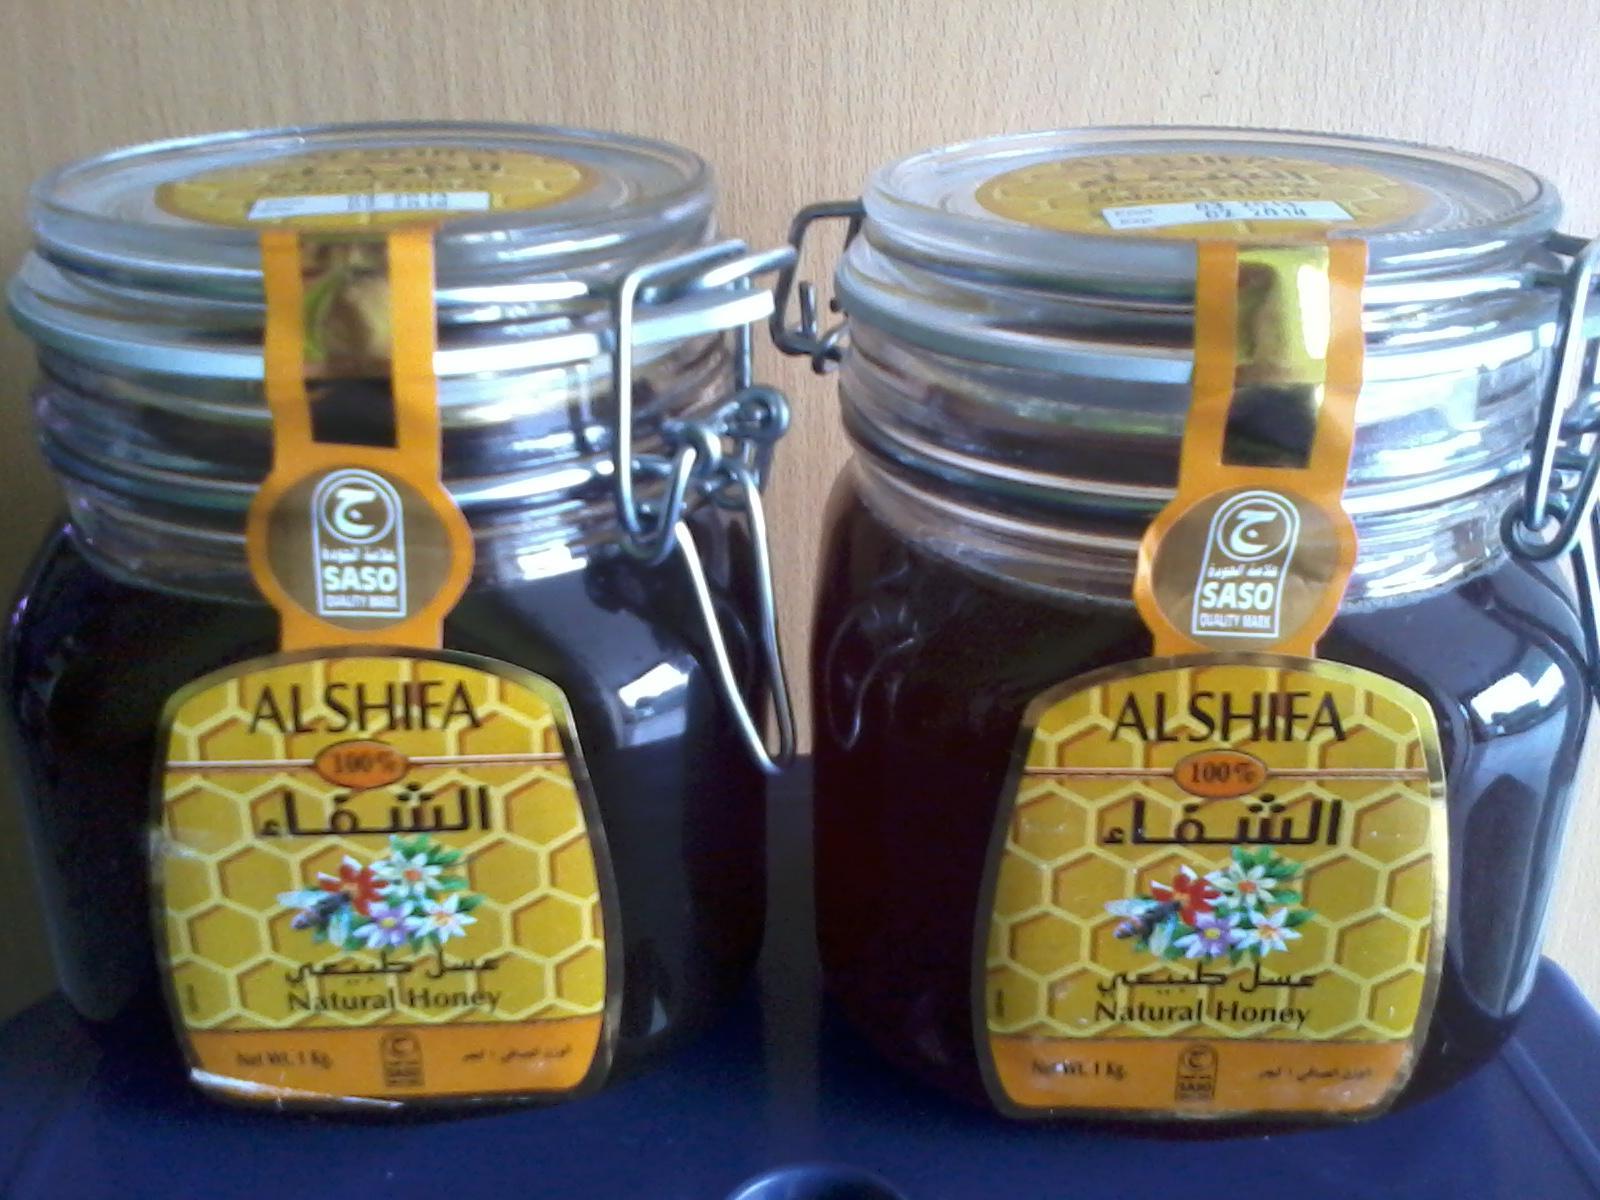 Harga Madu Asli Al Shifa Kemasan 1 Kg Arab Alshifa Natural Honey Kawat Genzahealth